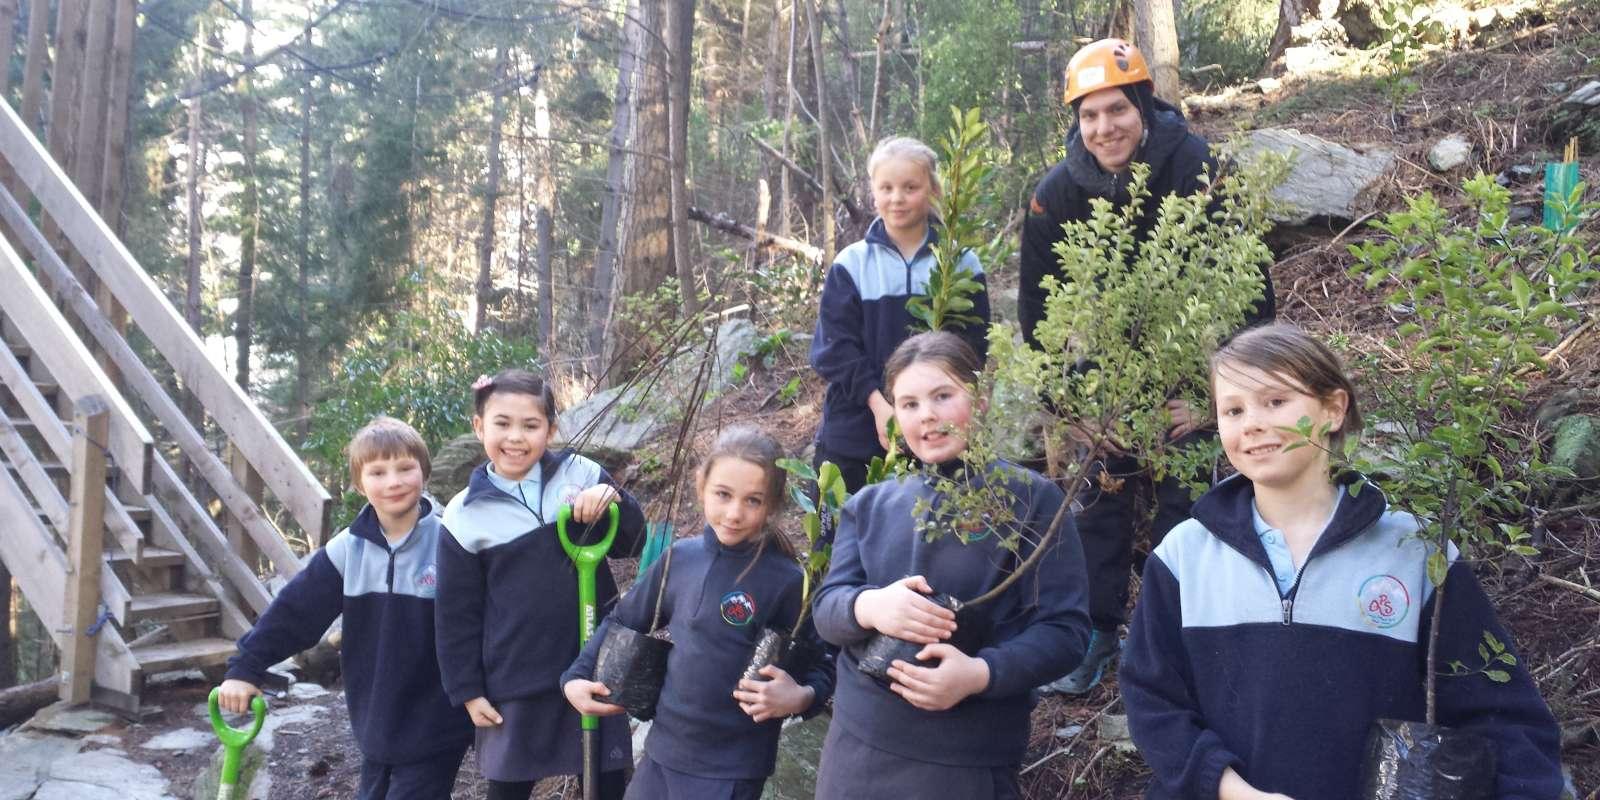 tree planting with Ziptrek and local schoolchildren